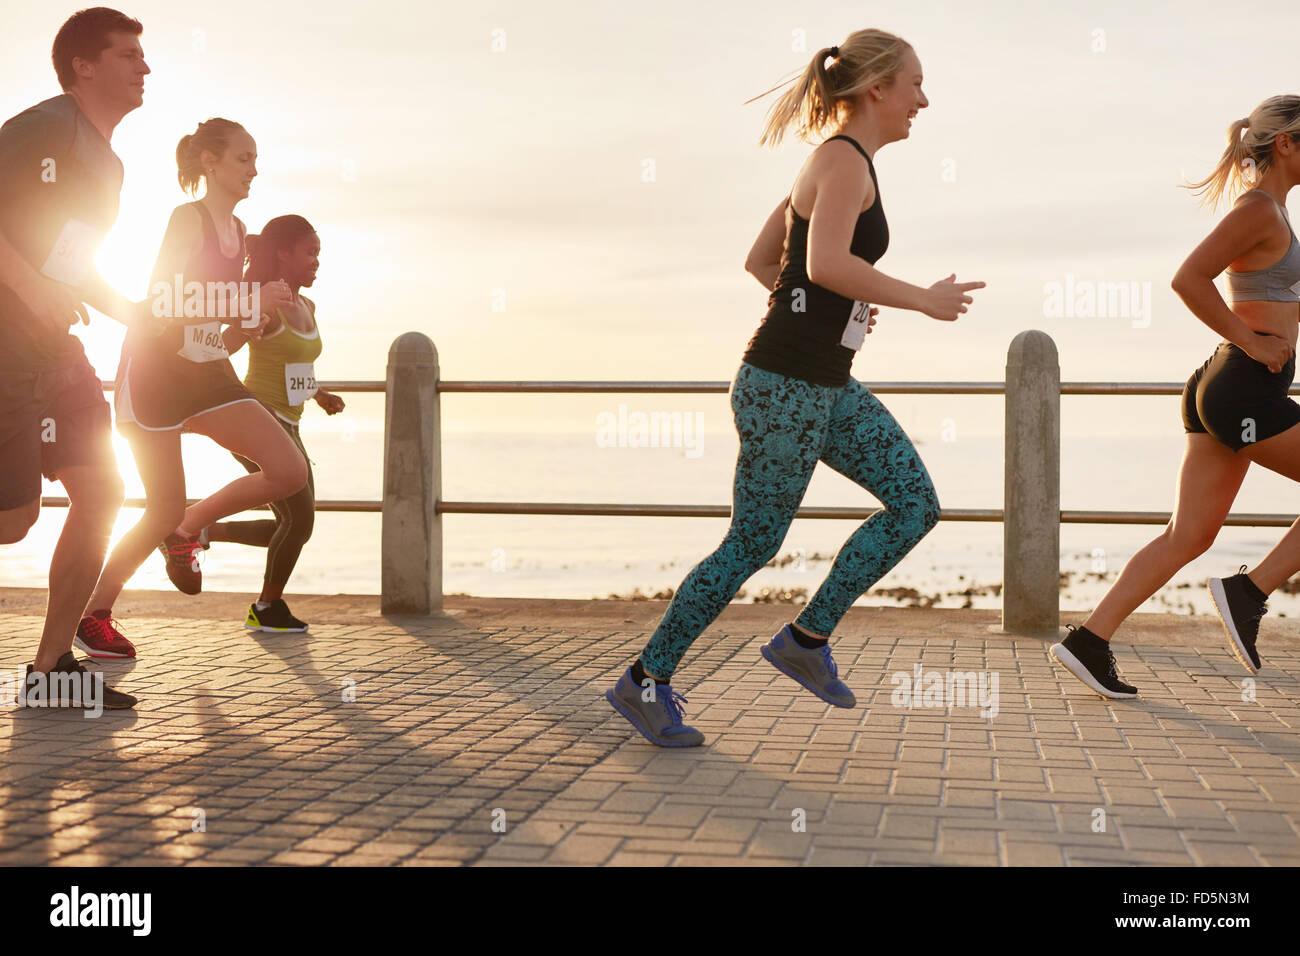 Retrato de jóvenes corriendo en el paseo marítimo. Hombres y mujeres corriendo maratón en carretera Imagen De Stock